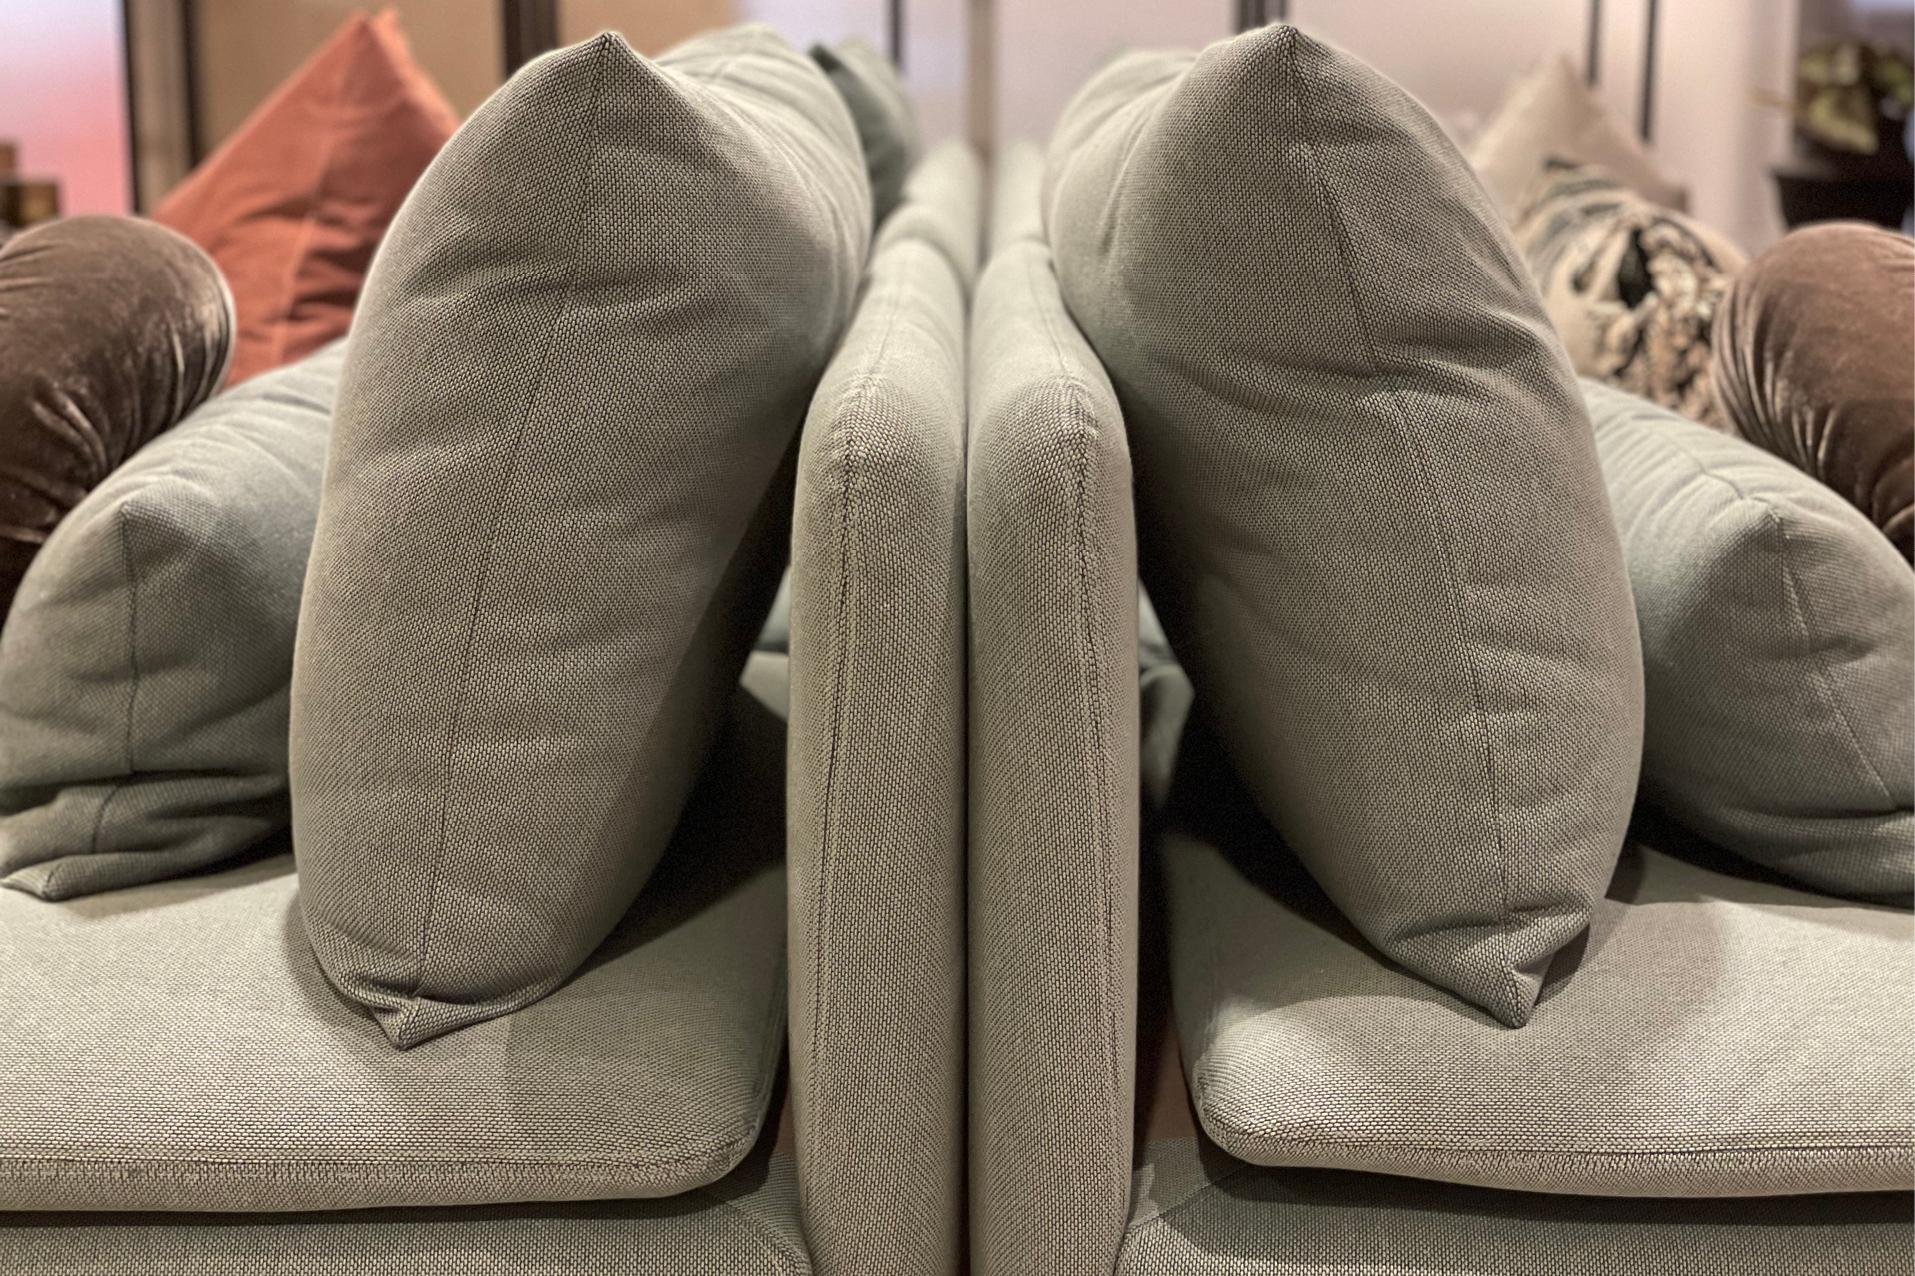 Detalj fra sofaer satt rygg mot rygg.